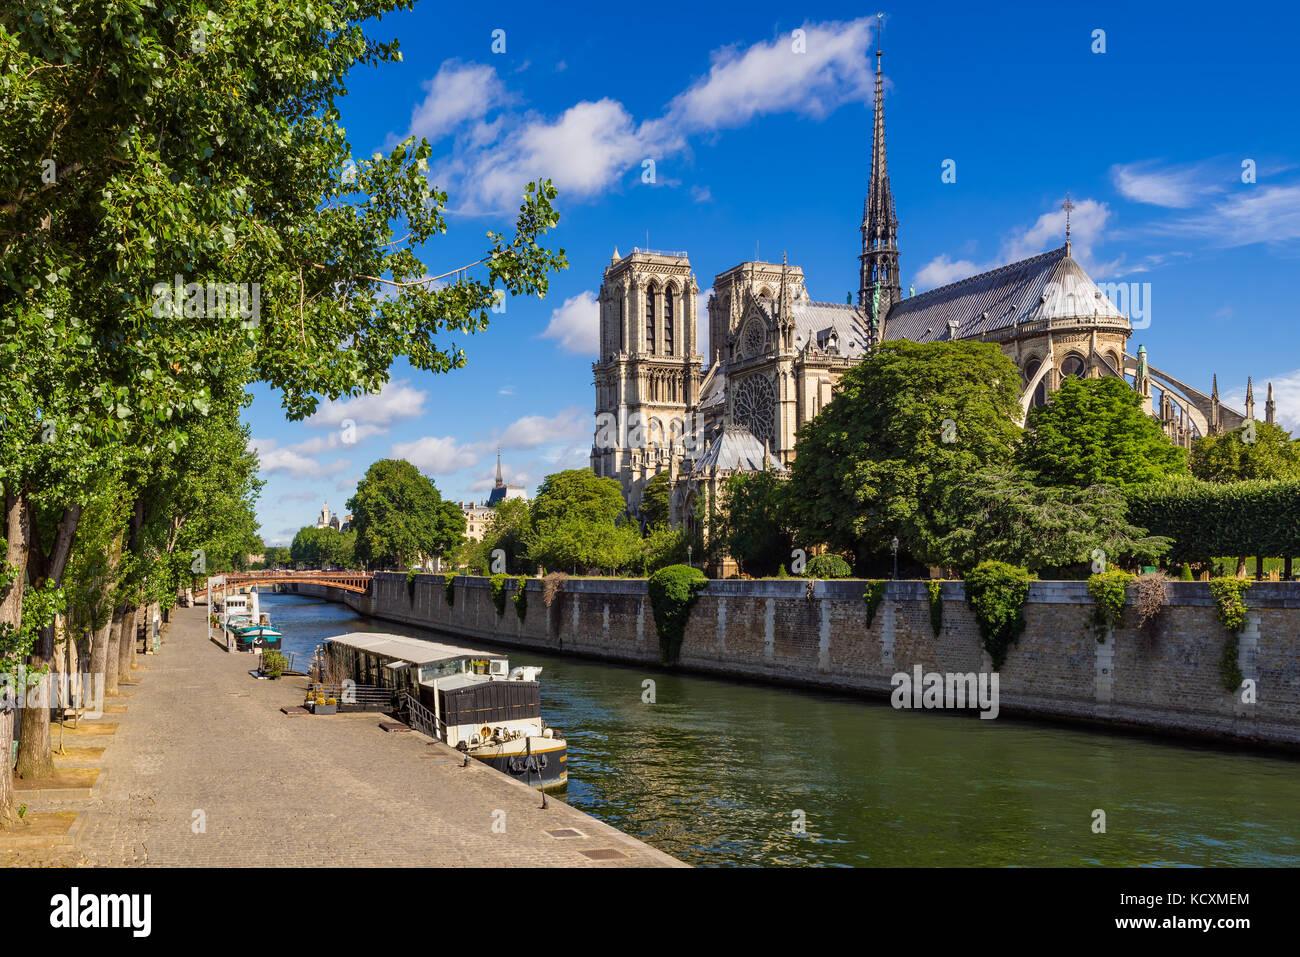 Catedral de Notre Dame con el Sena en verano. París, Francia Imagen De Stock